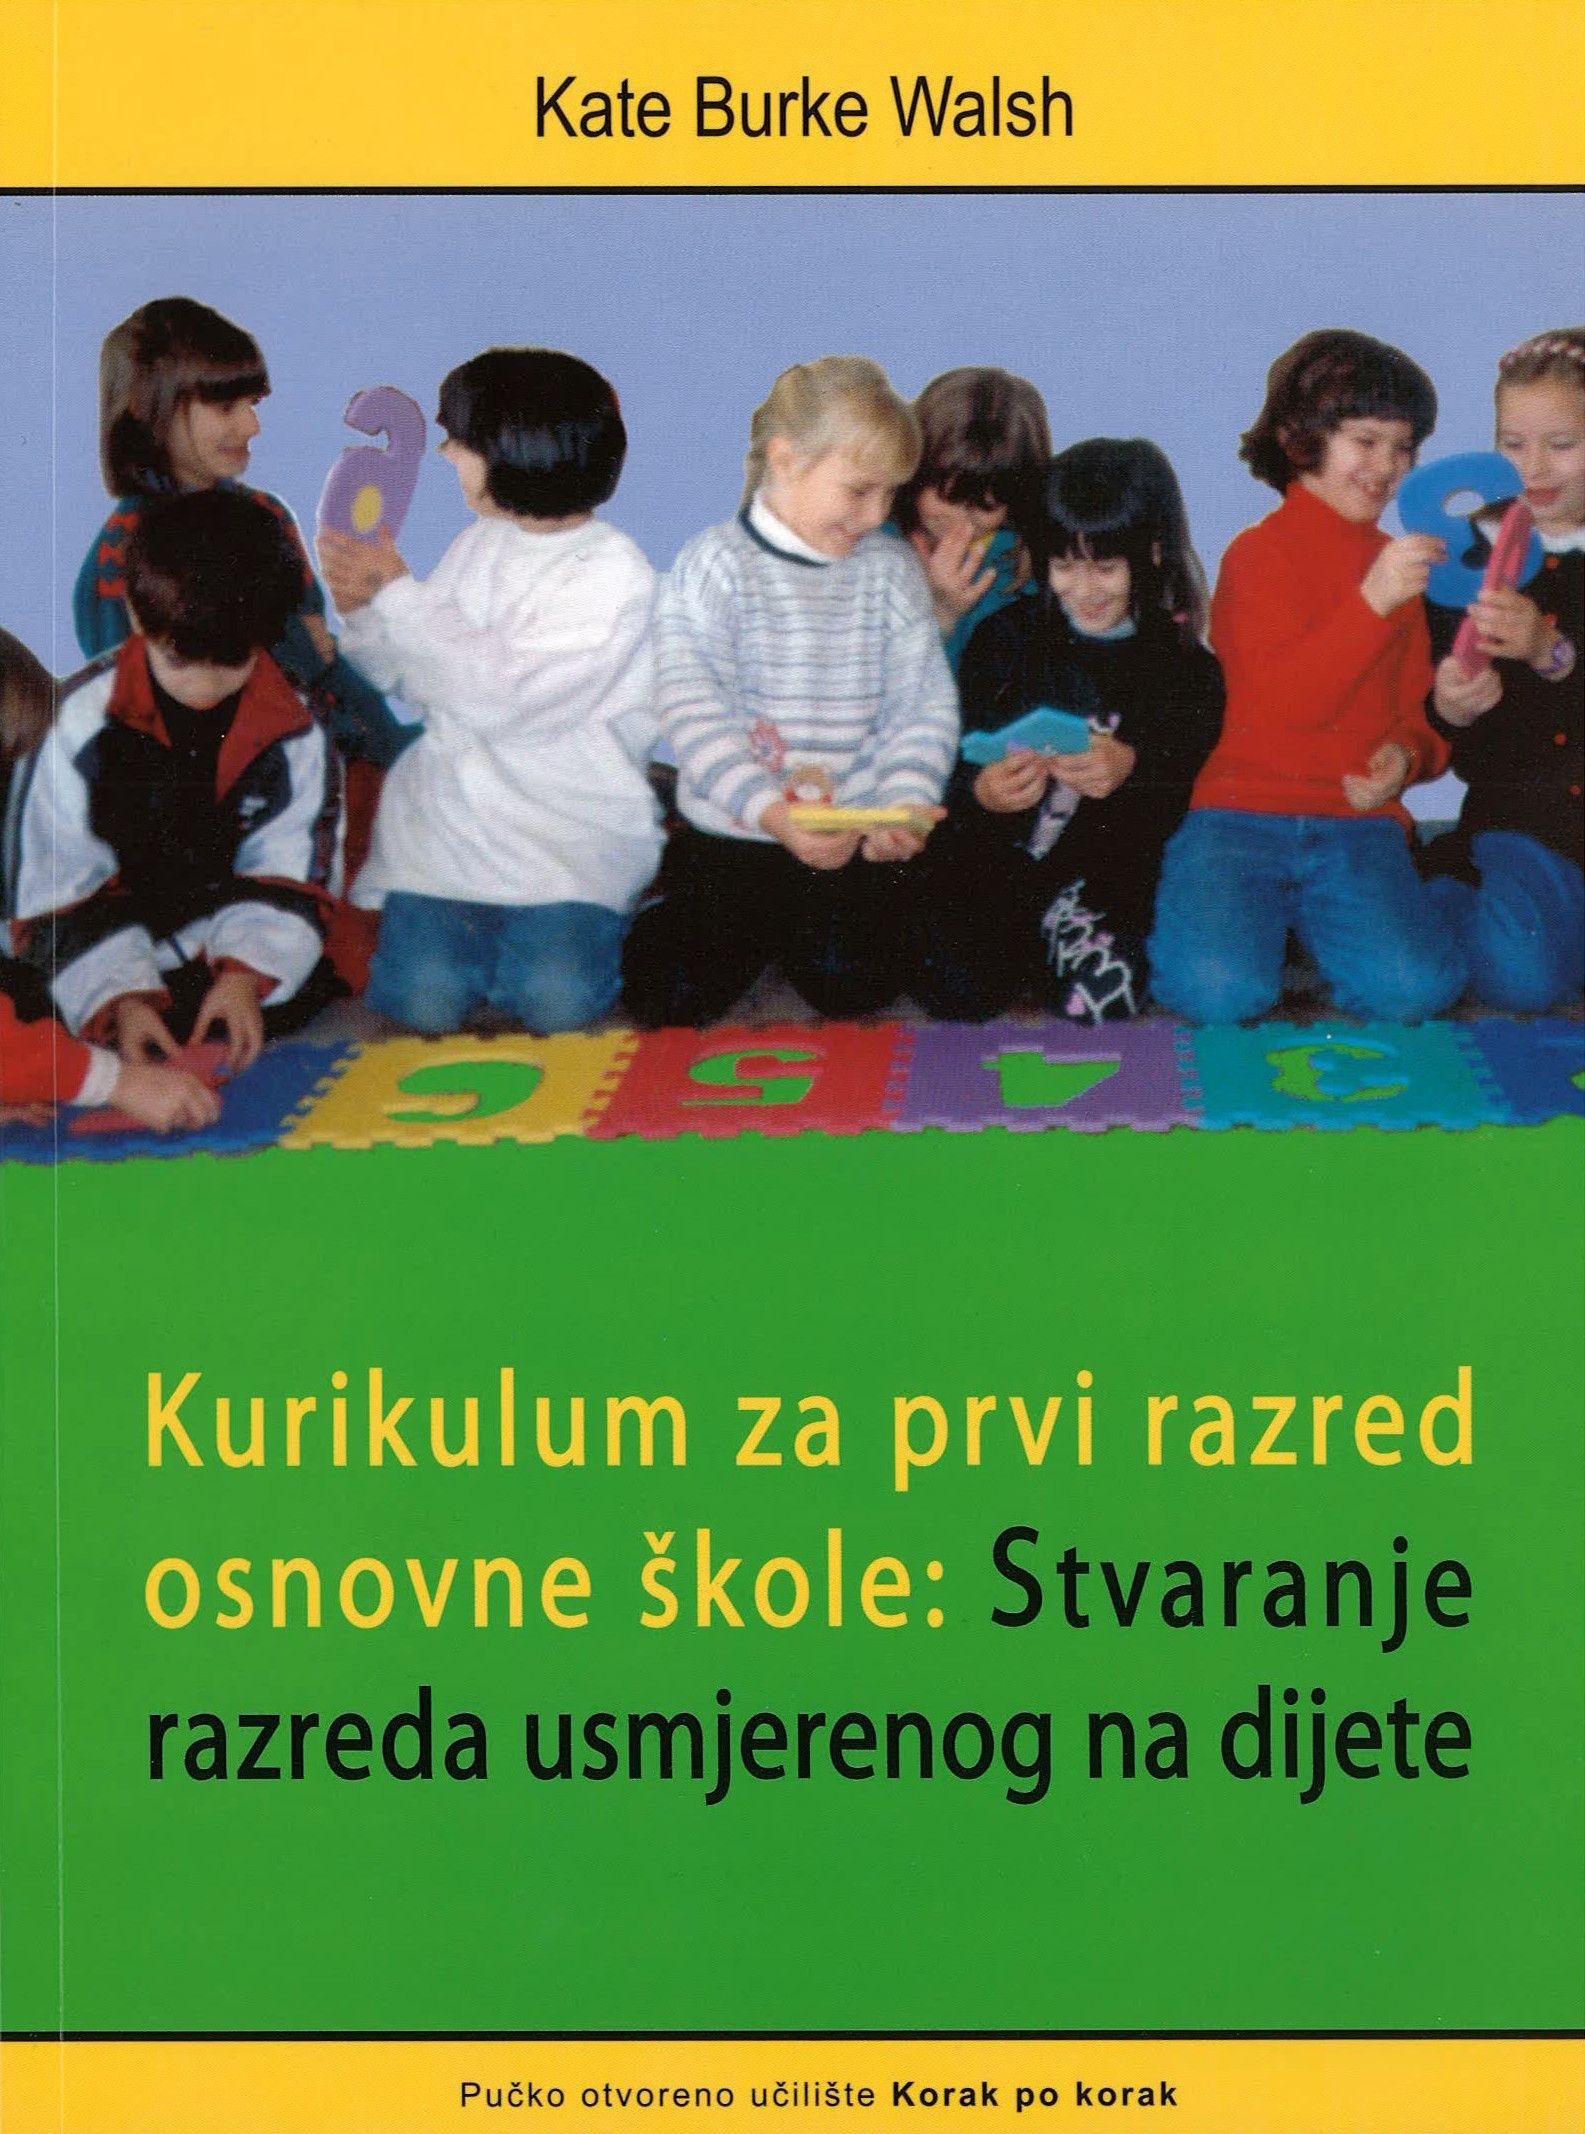 KURIKULUM ZA PRVI RAZRED OSNOVNE ŠKOLE - Stvaranje razreda usmjerenog na dijete